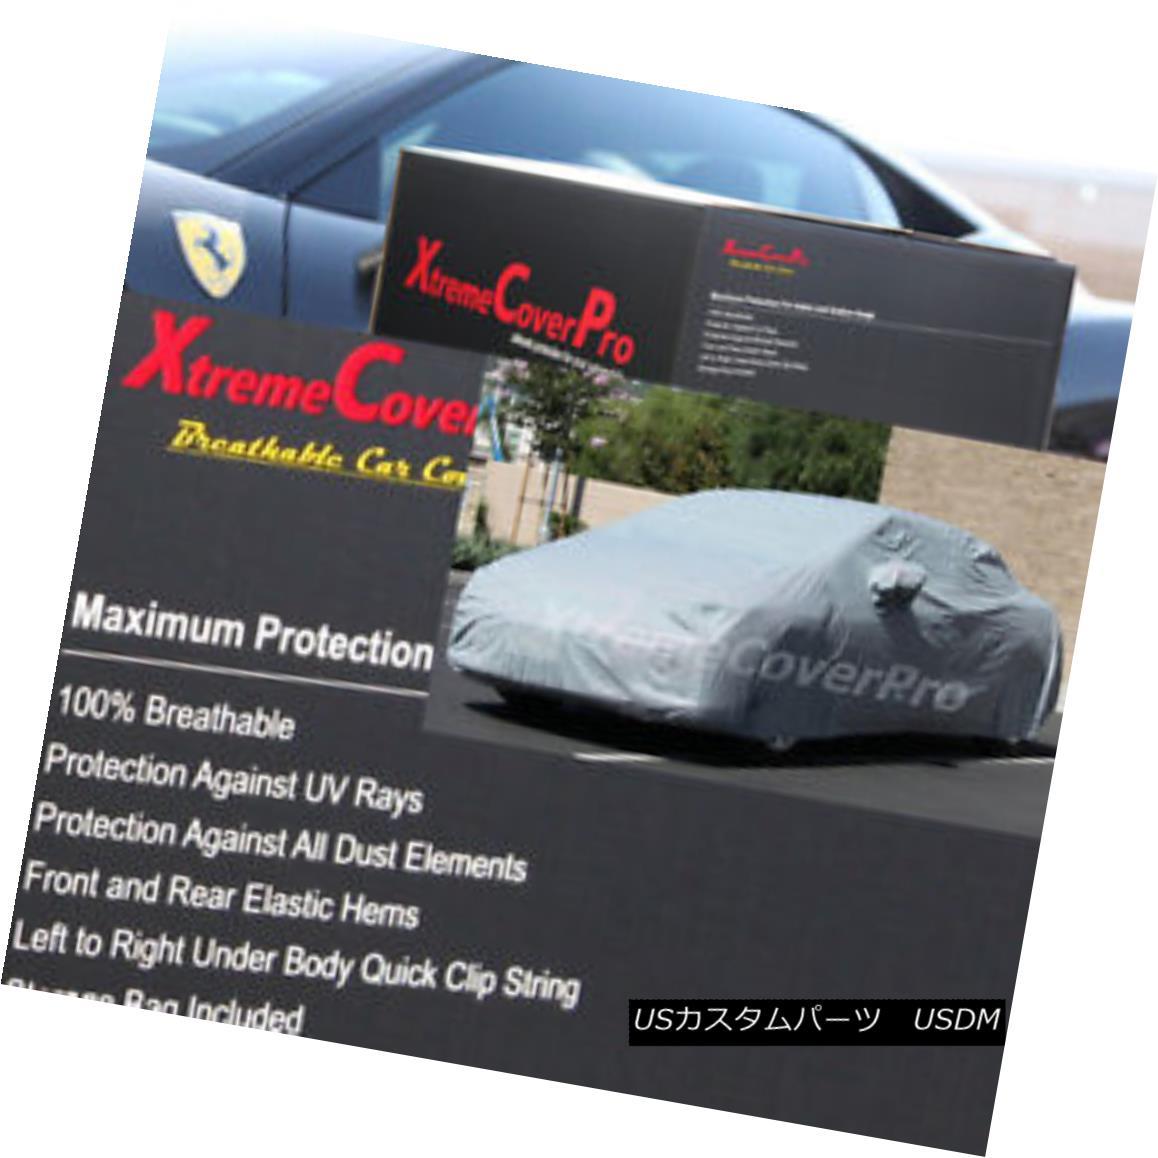 カーカバー 1995 1996 1997 Oldsmobile Cutlass Supreme Breathable Car Cover w/MirrorPocket 1995年1996年1997年Oldsmobile Cutlass最高の通気性のある車カバー付きMirrorPocket